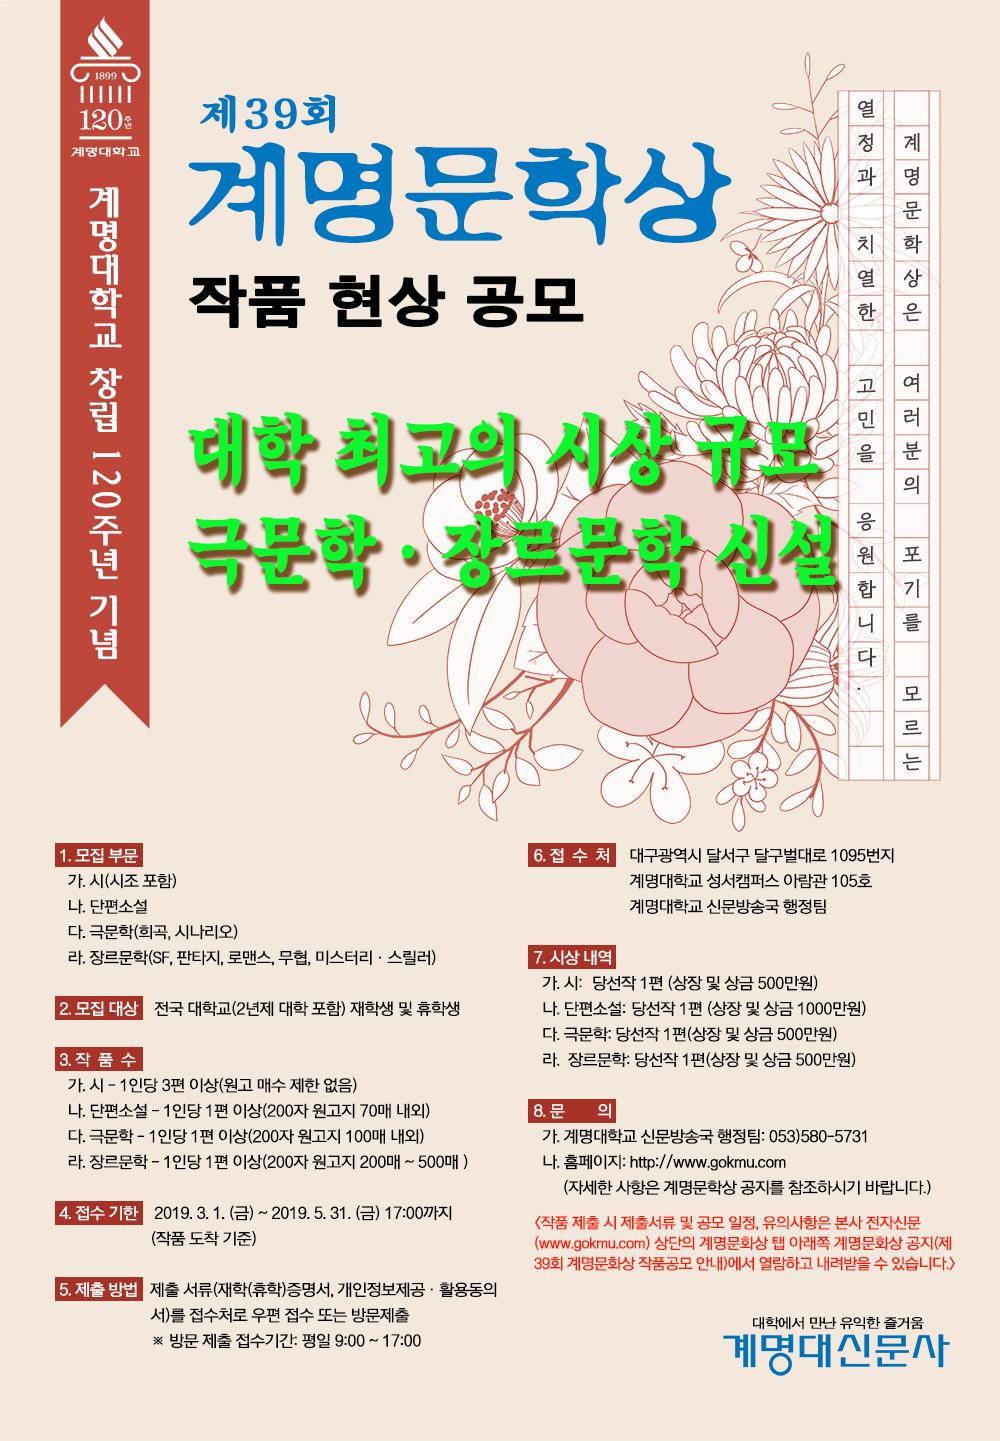 계명대학교 창립 120주년 기념 제39회 계명문학상 작품 공모